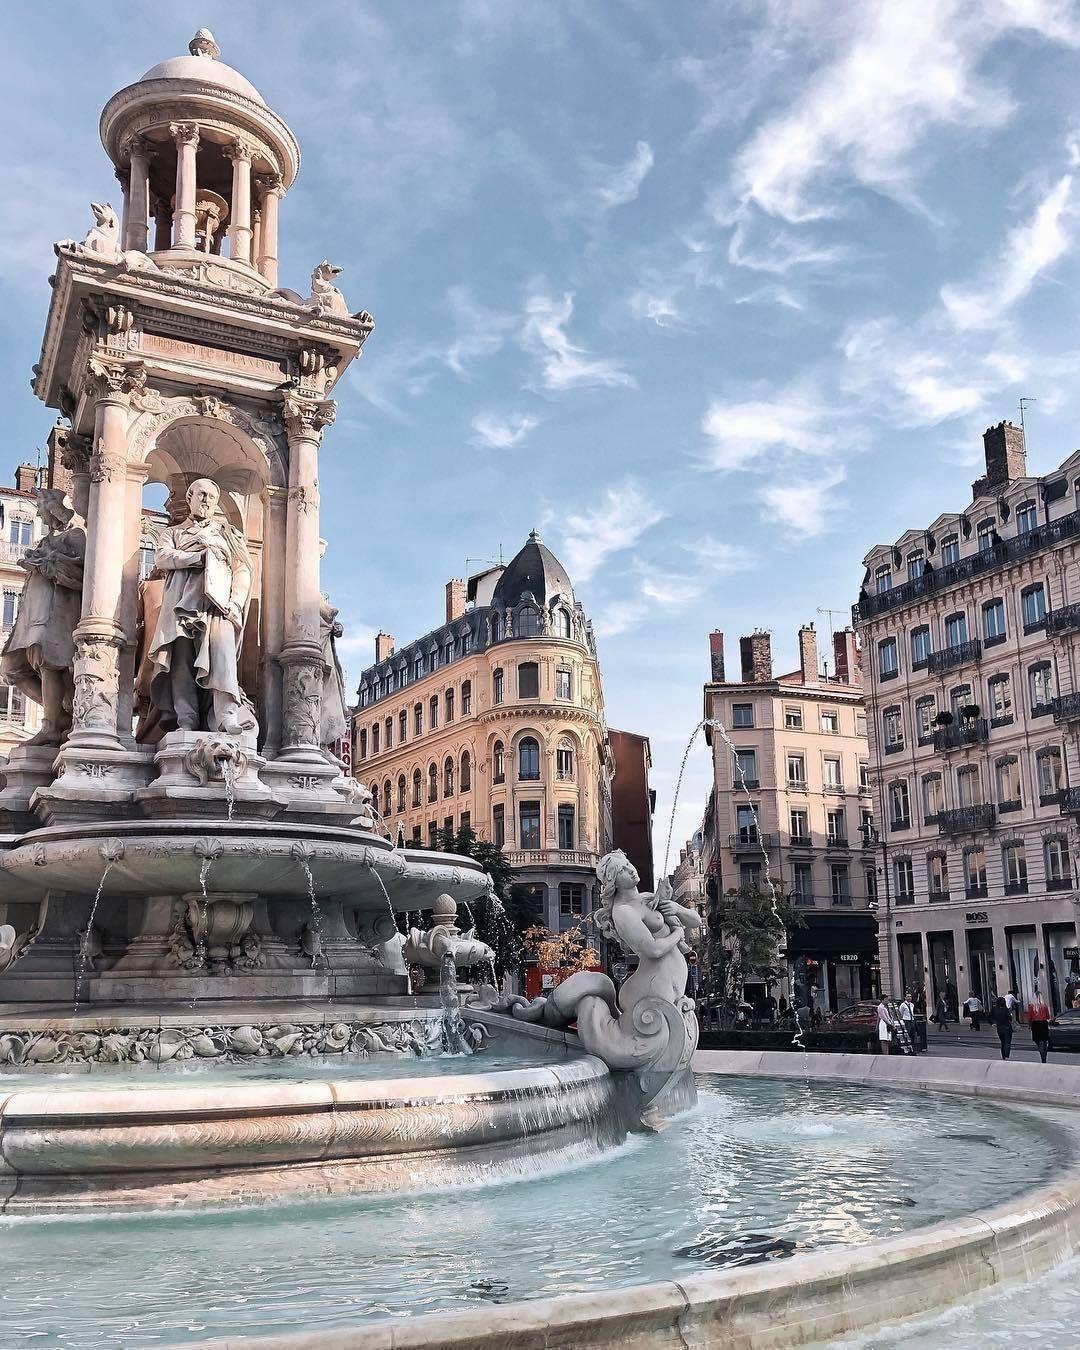 5 Voyage En France Coup De Coeur Voyage D Aventure En France Vacances En France Voyage En France Hello France